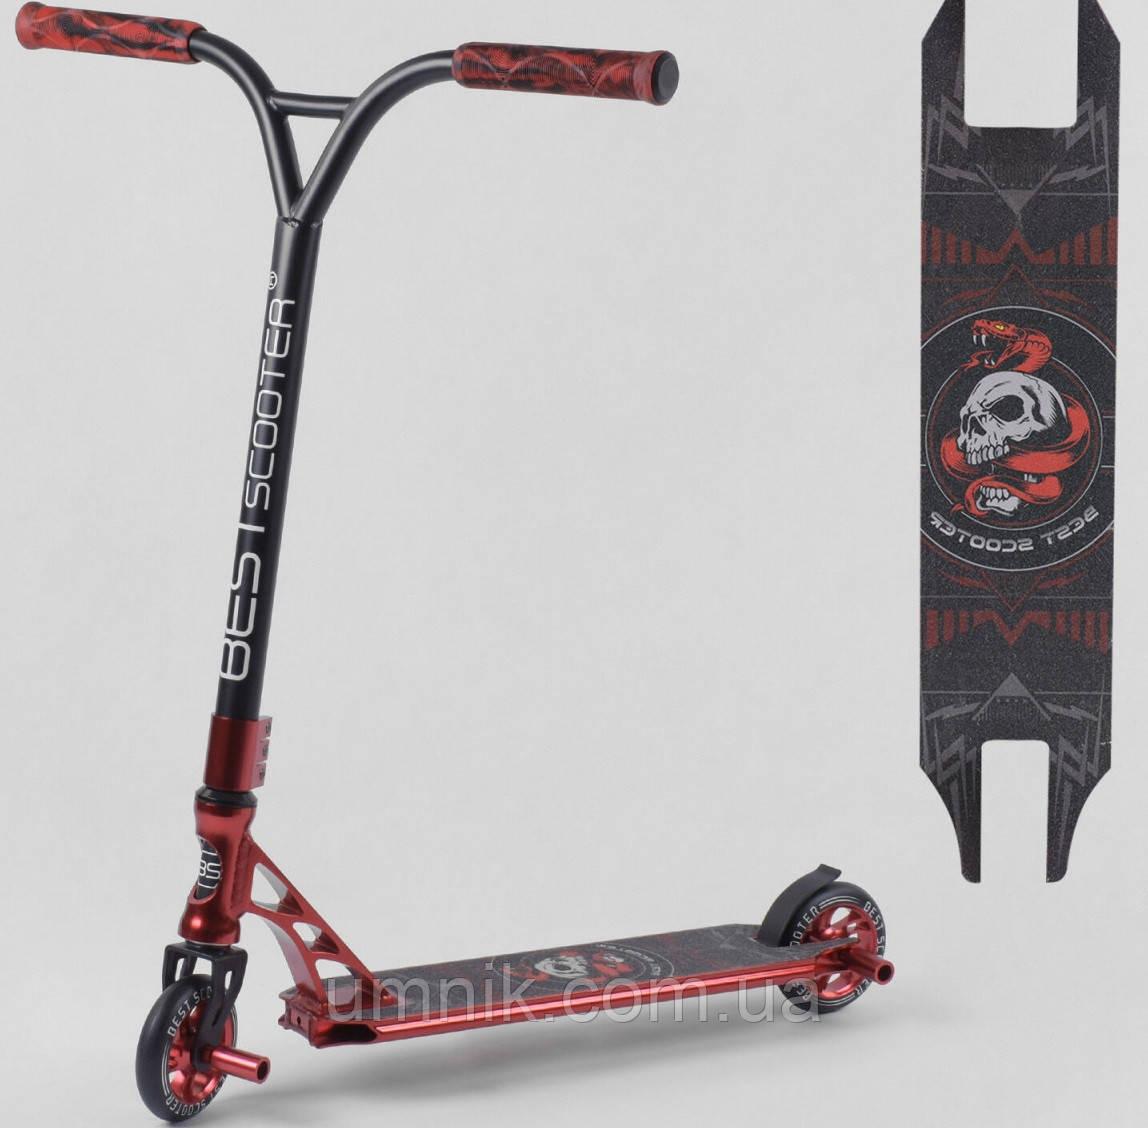 Самокат трюковый Best Scooter 13111, HIC-система, алюминиевый диск, пеги, красный